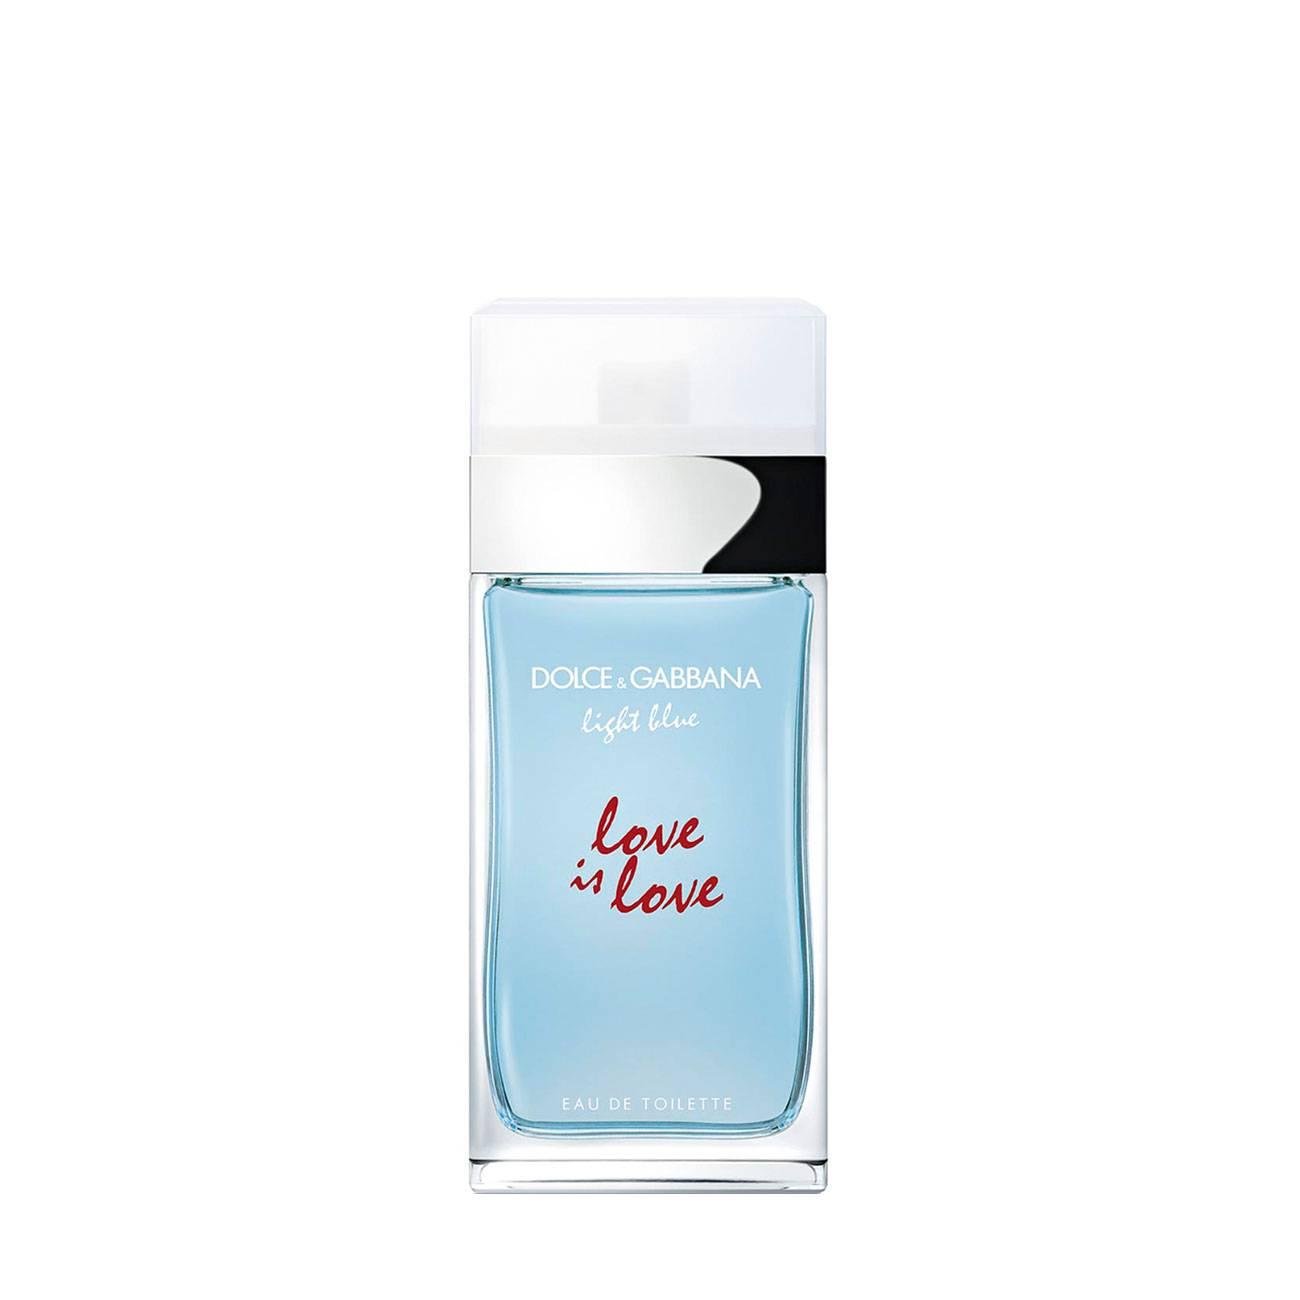 LIGHT BLUE LOVE IS LOVE 50ml poza noua